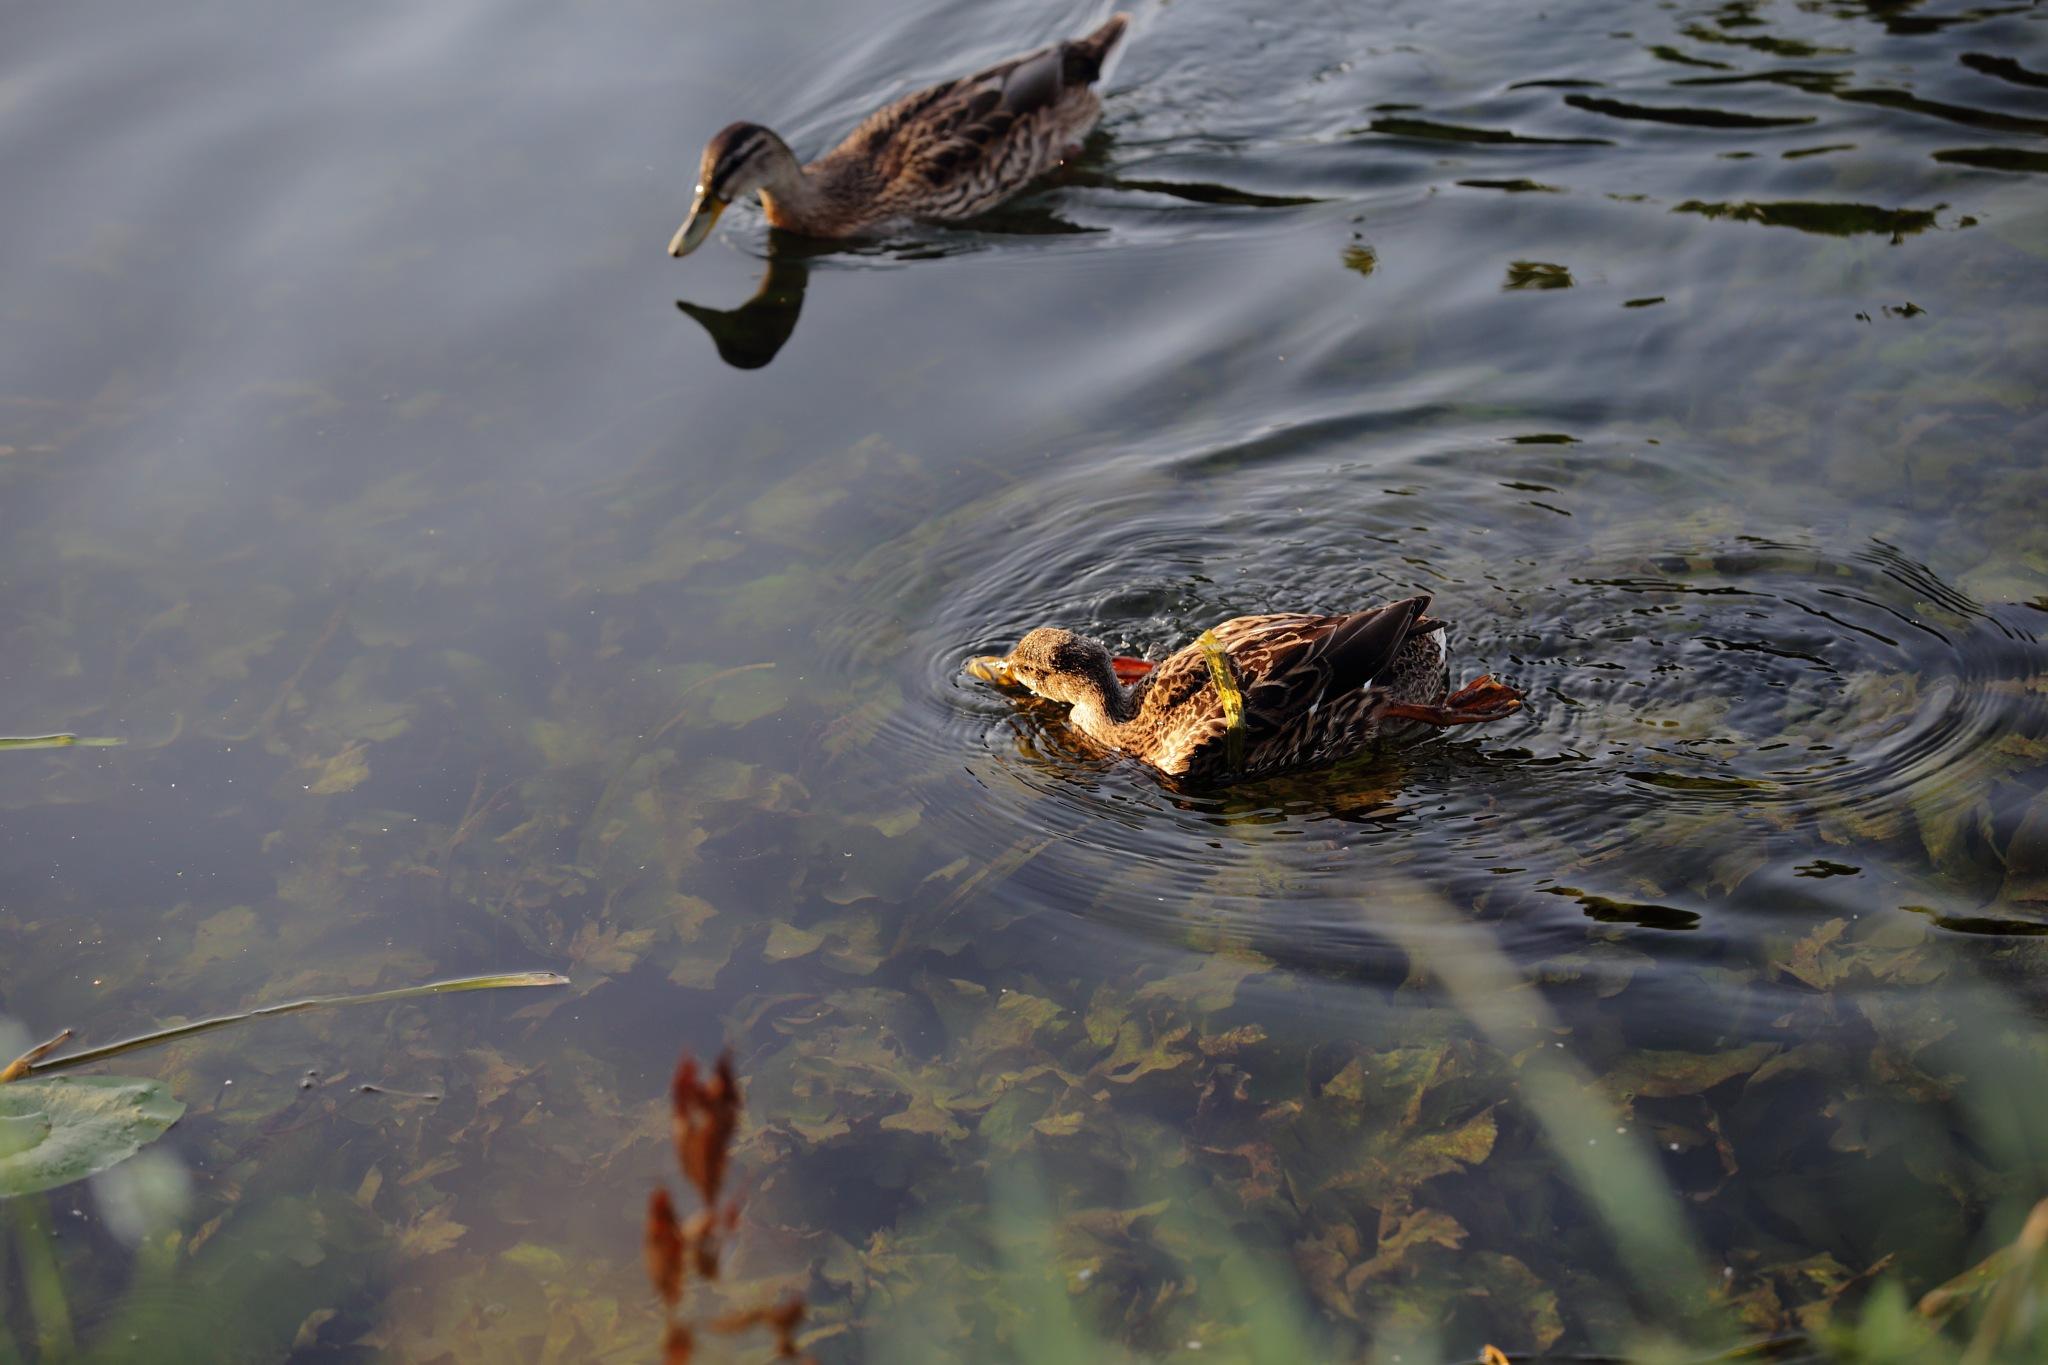 Duck by turok59660